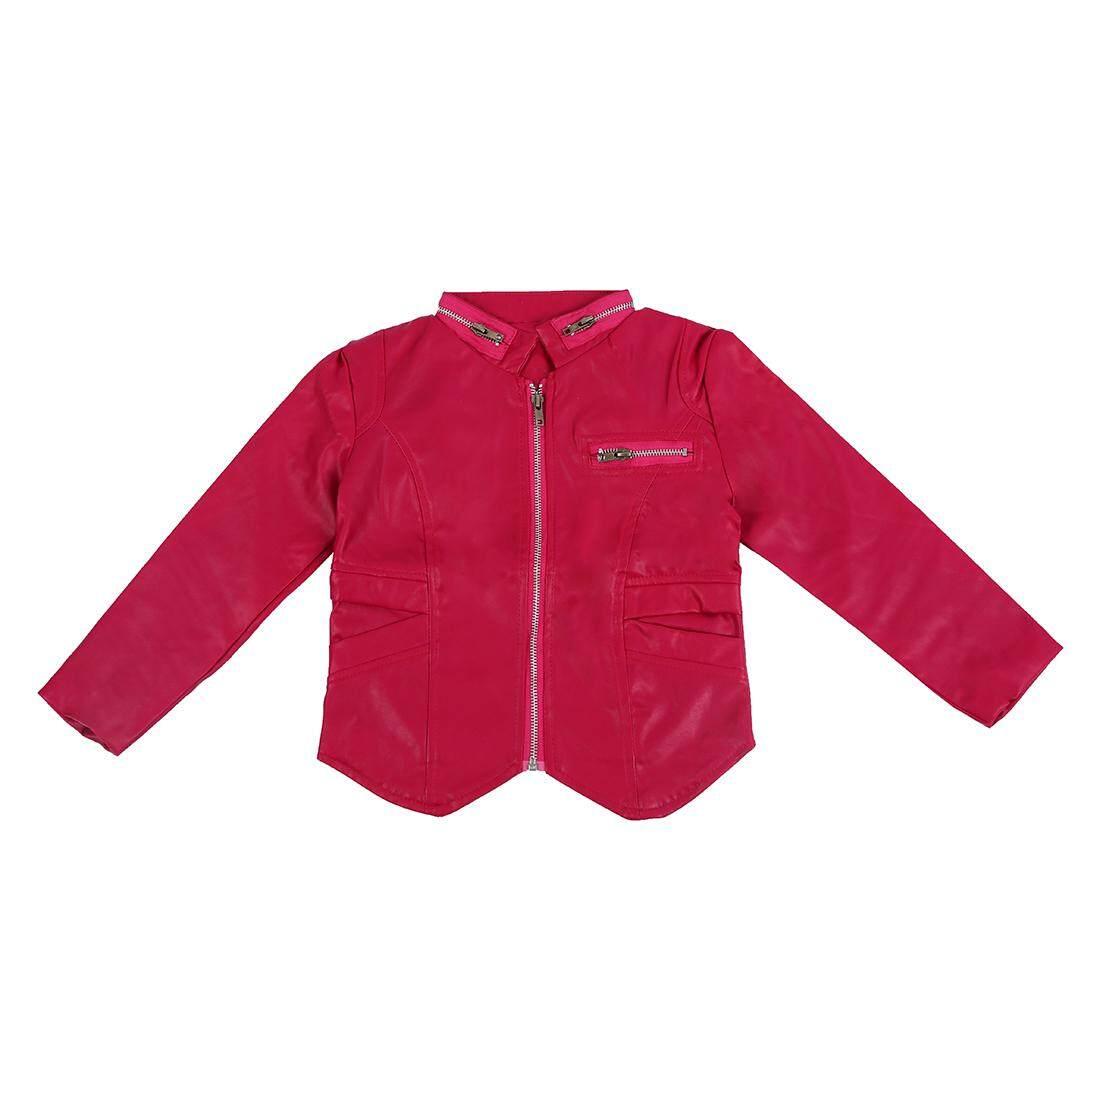 เด็ก Angel Wing แจ็คเก็ตตัวนอกสำหรับเด็กชายเด็กหญิงเด็กแฟชั่นเสื้อแจ็คเก็ตหนัง Pu สำหรับฤดูใบไม้ร่วงเสื้อผ้าแจ๊กเก็ตสีแดงกุหลาบ 110 เซนติเมตร - Intl.